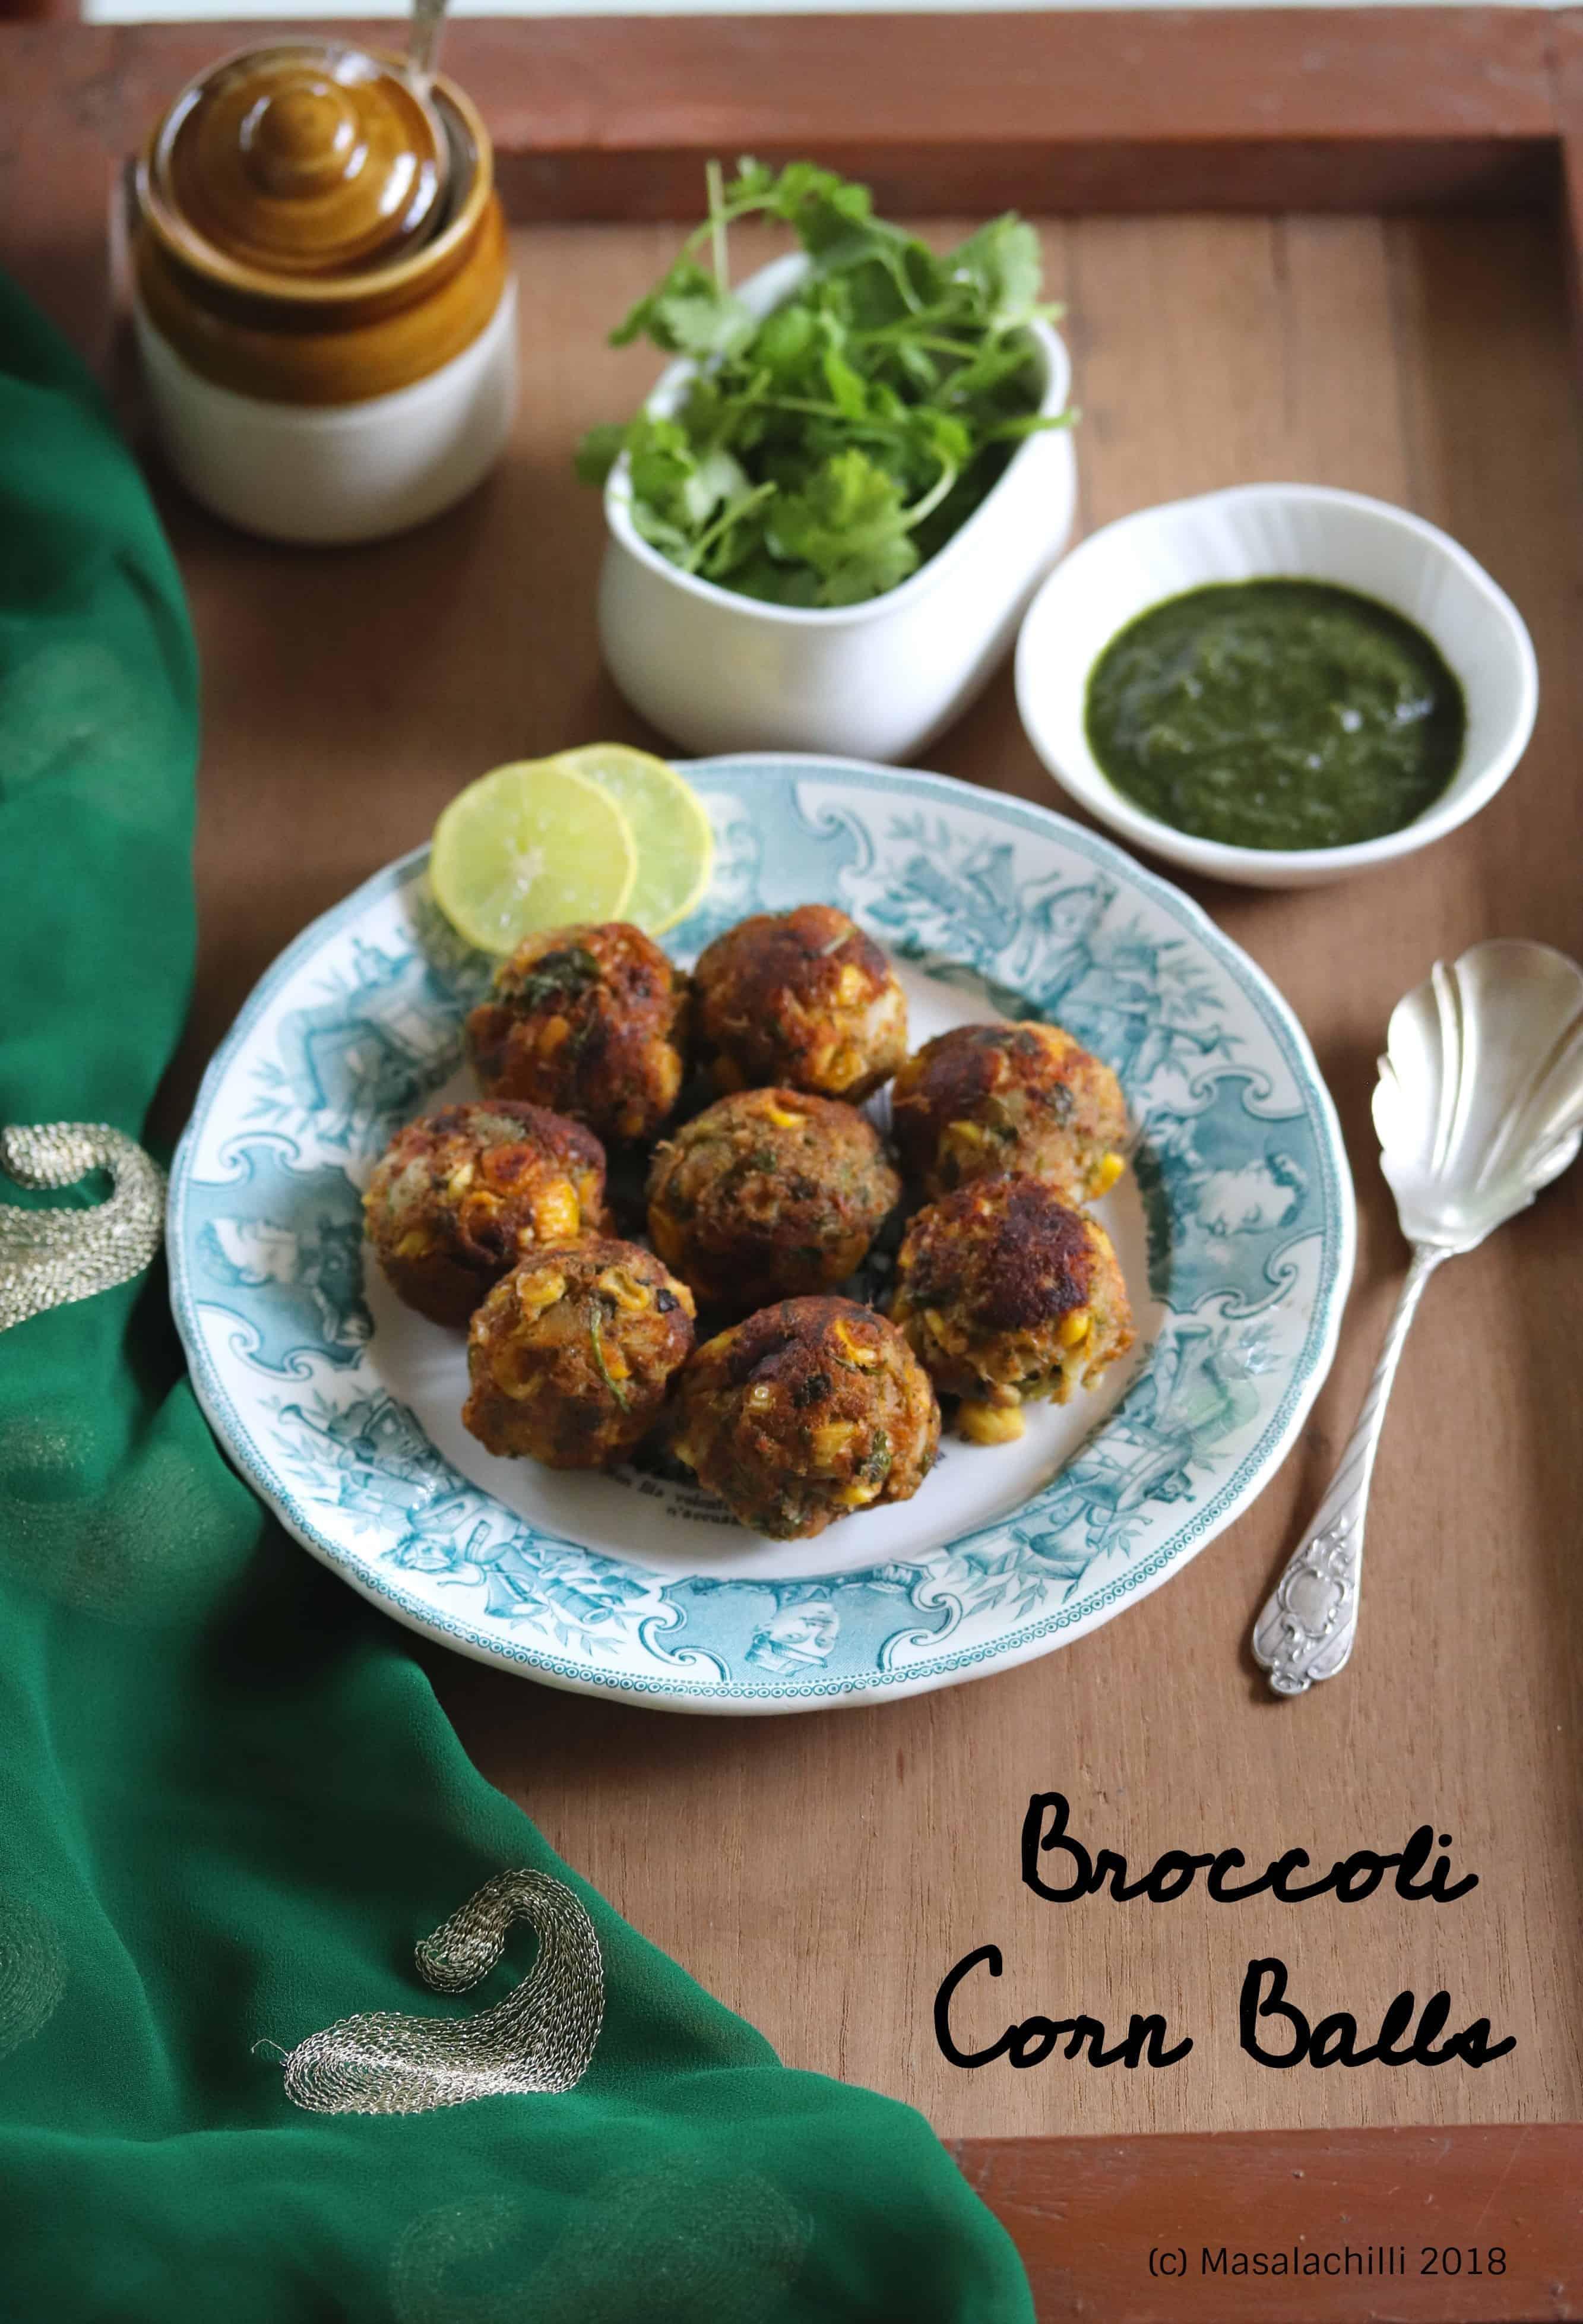 Broccoli Corn Balls / No Fry Broccoli Corn Balls